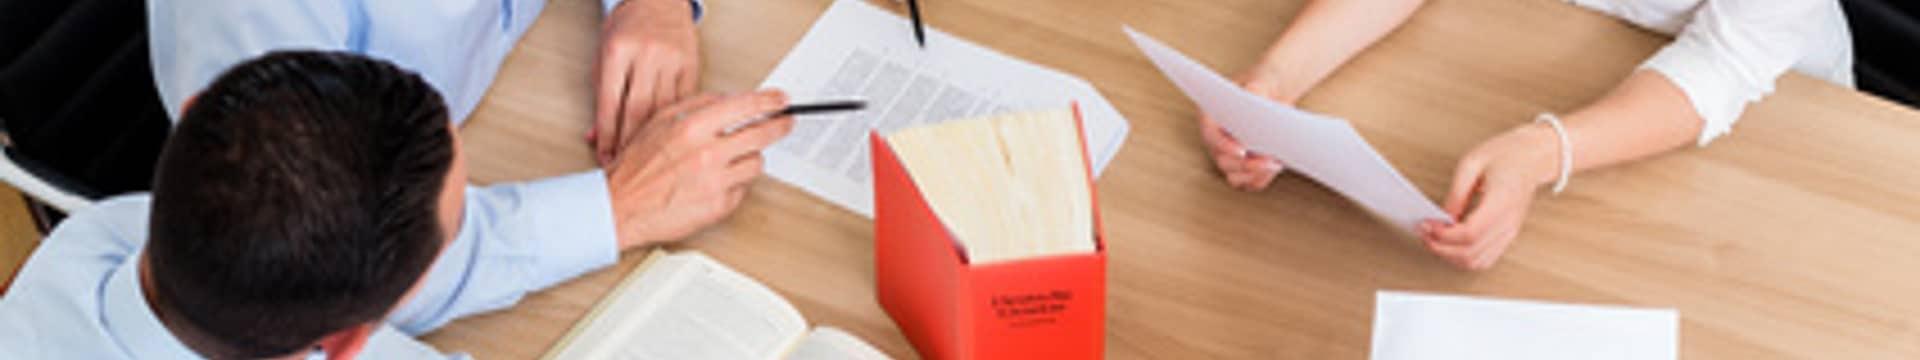 Nachlassverbindlichkeiten: Haftung in der Erbengemeinschaft